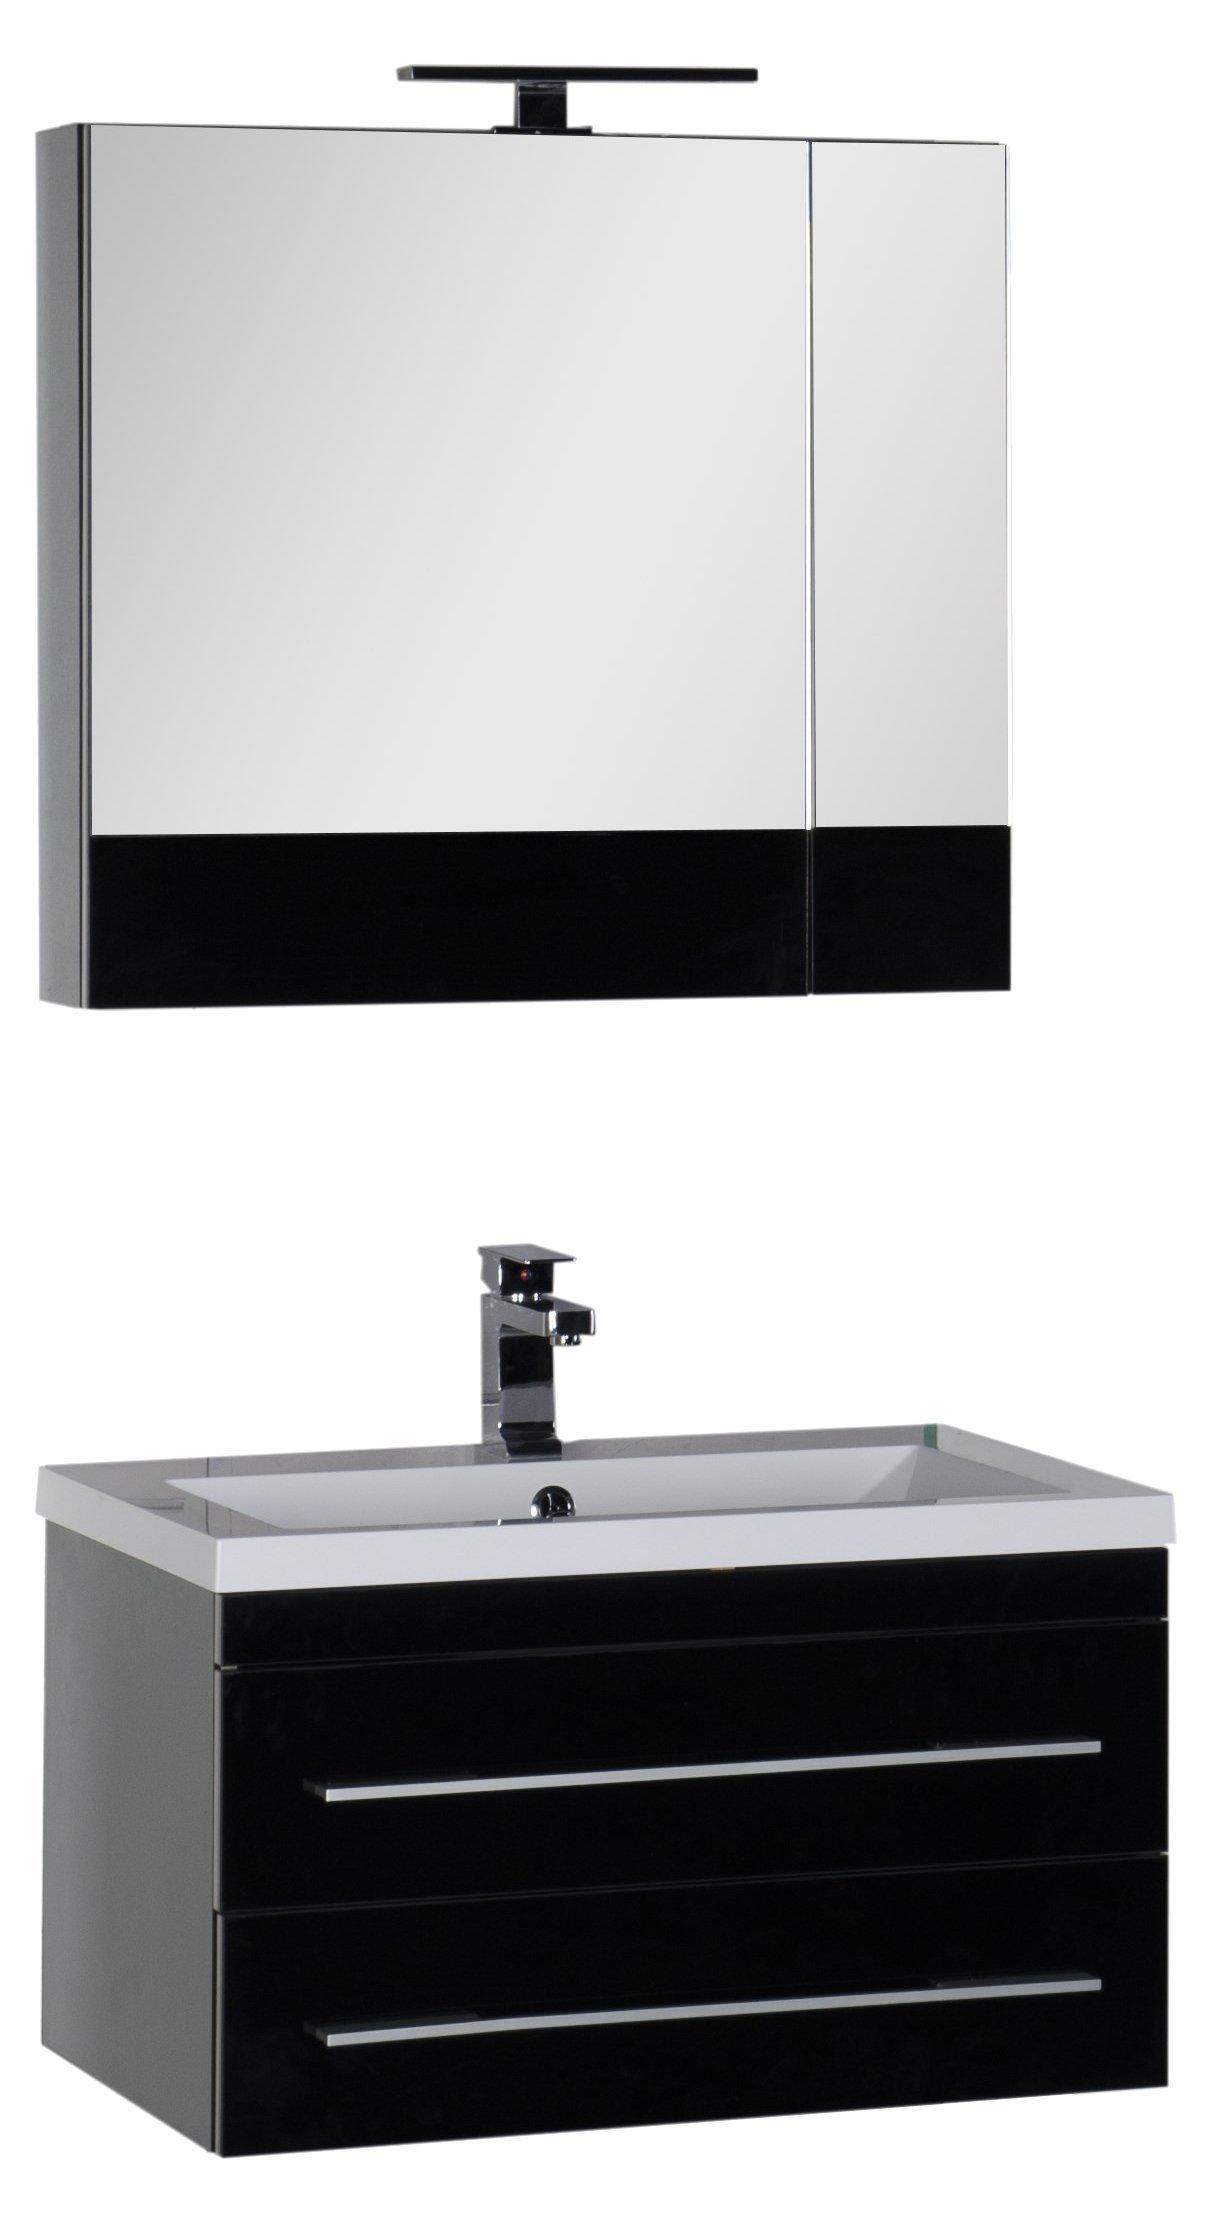 Мебель для ванной Aquanet Верона 75 подвесная черная (тумба, раковина, зеркало)